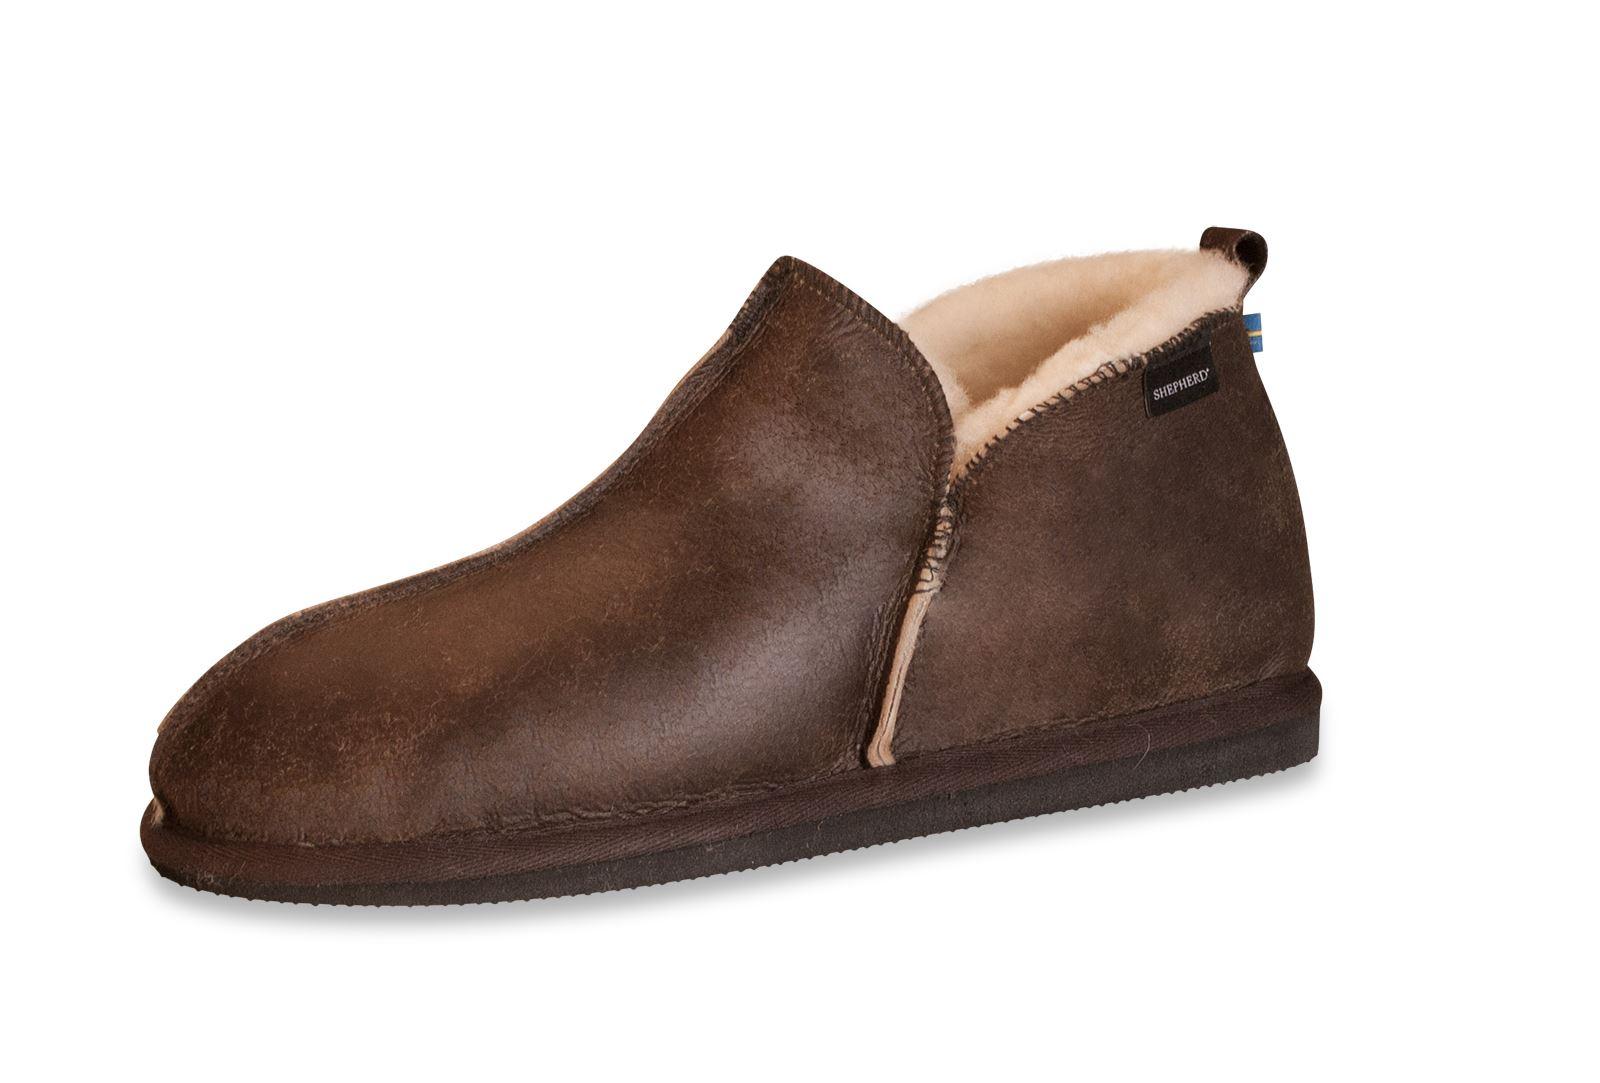 Amazon Uk Valenki Shoes